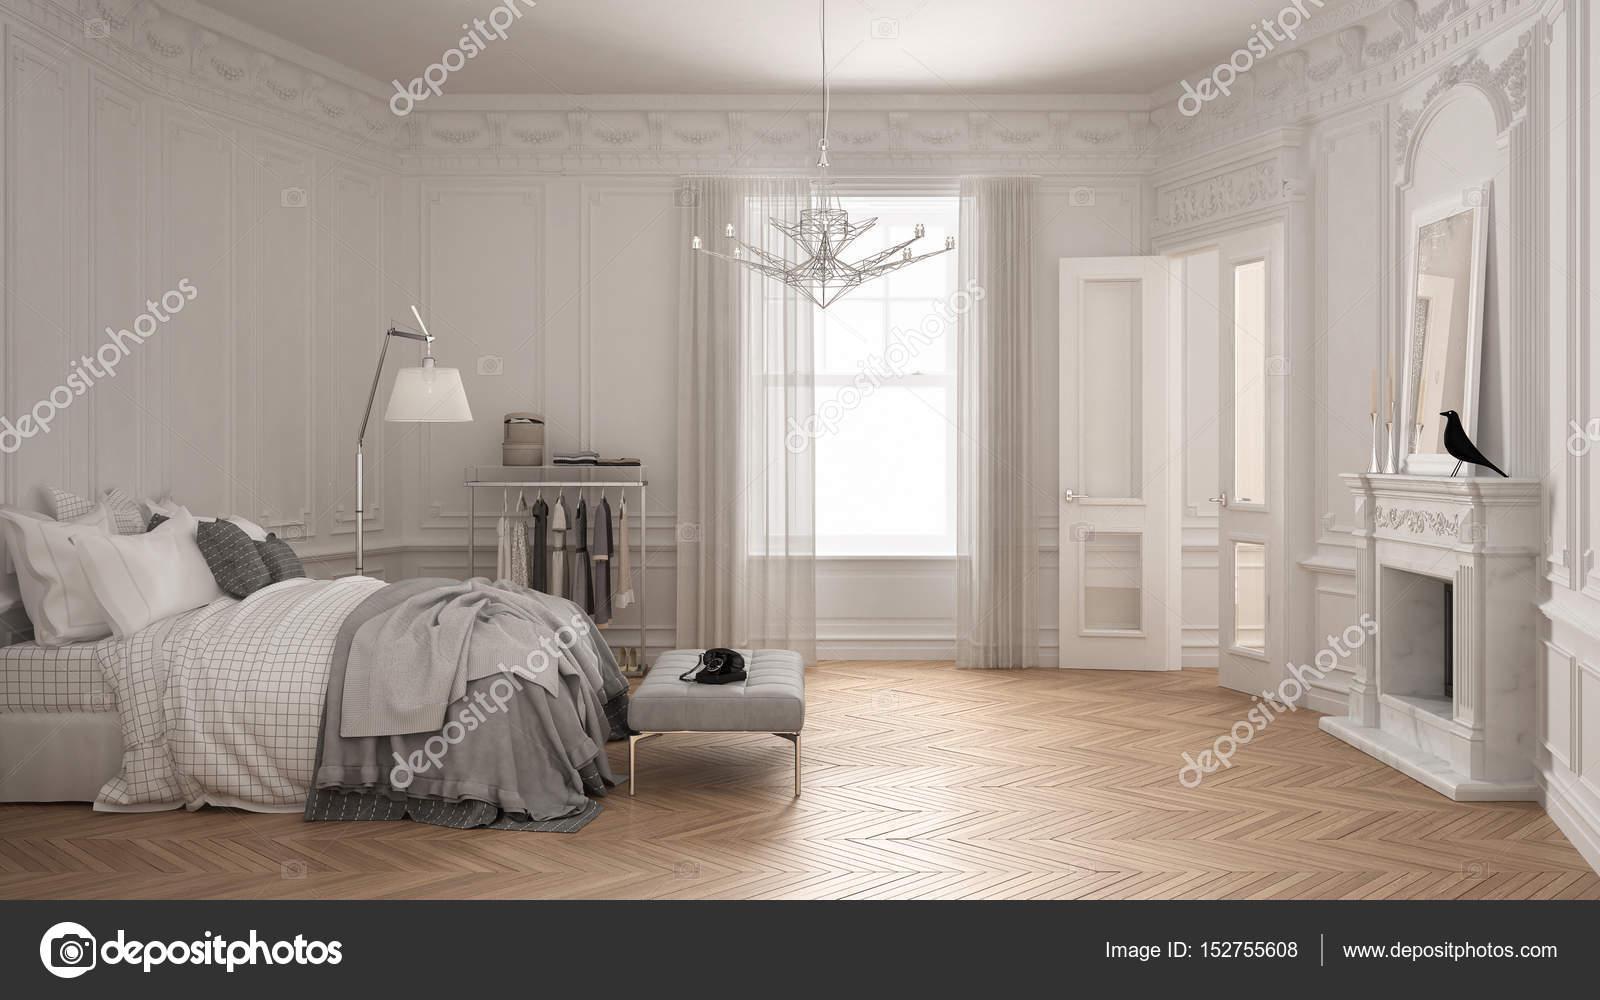 Scandinavische Vintage Woonkamer : Moderne scandinavische slaapkamer in klassieke vintage woonkamer met